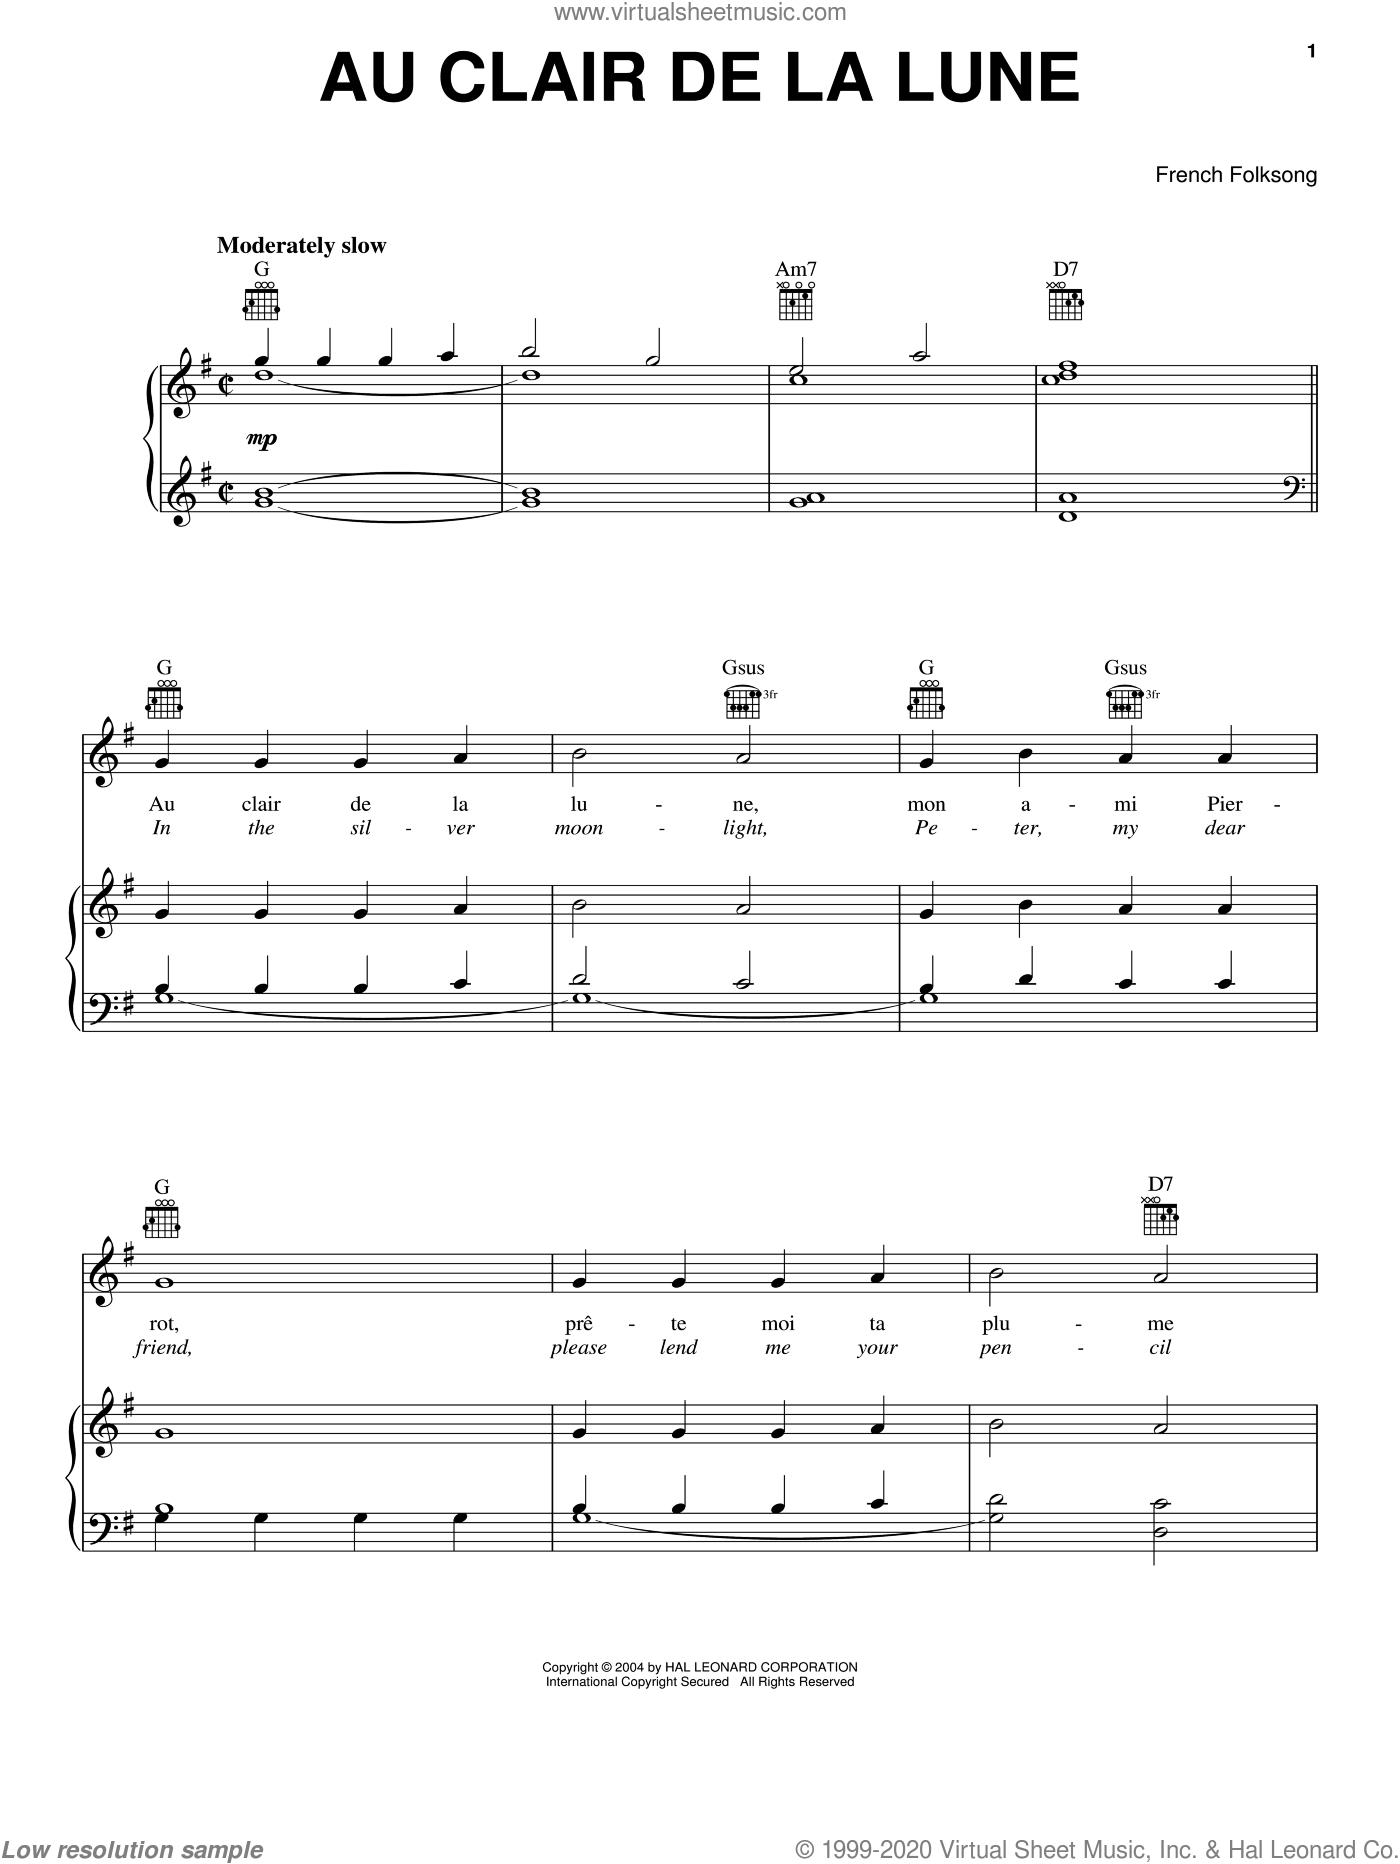 Au Clair De La Lune Sheet Music For Voice, Piano Or Guitar [Pdf] avec Clair De La Lune Lyrics